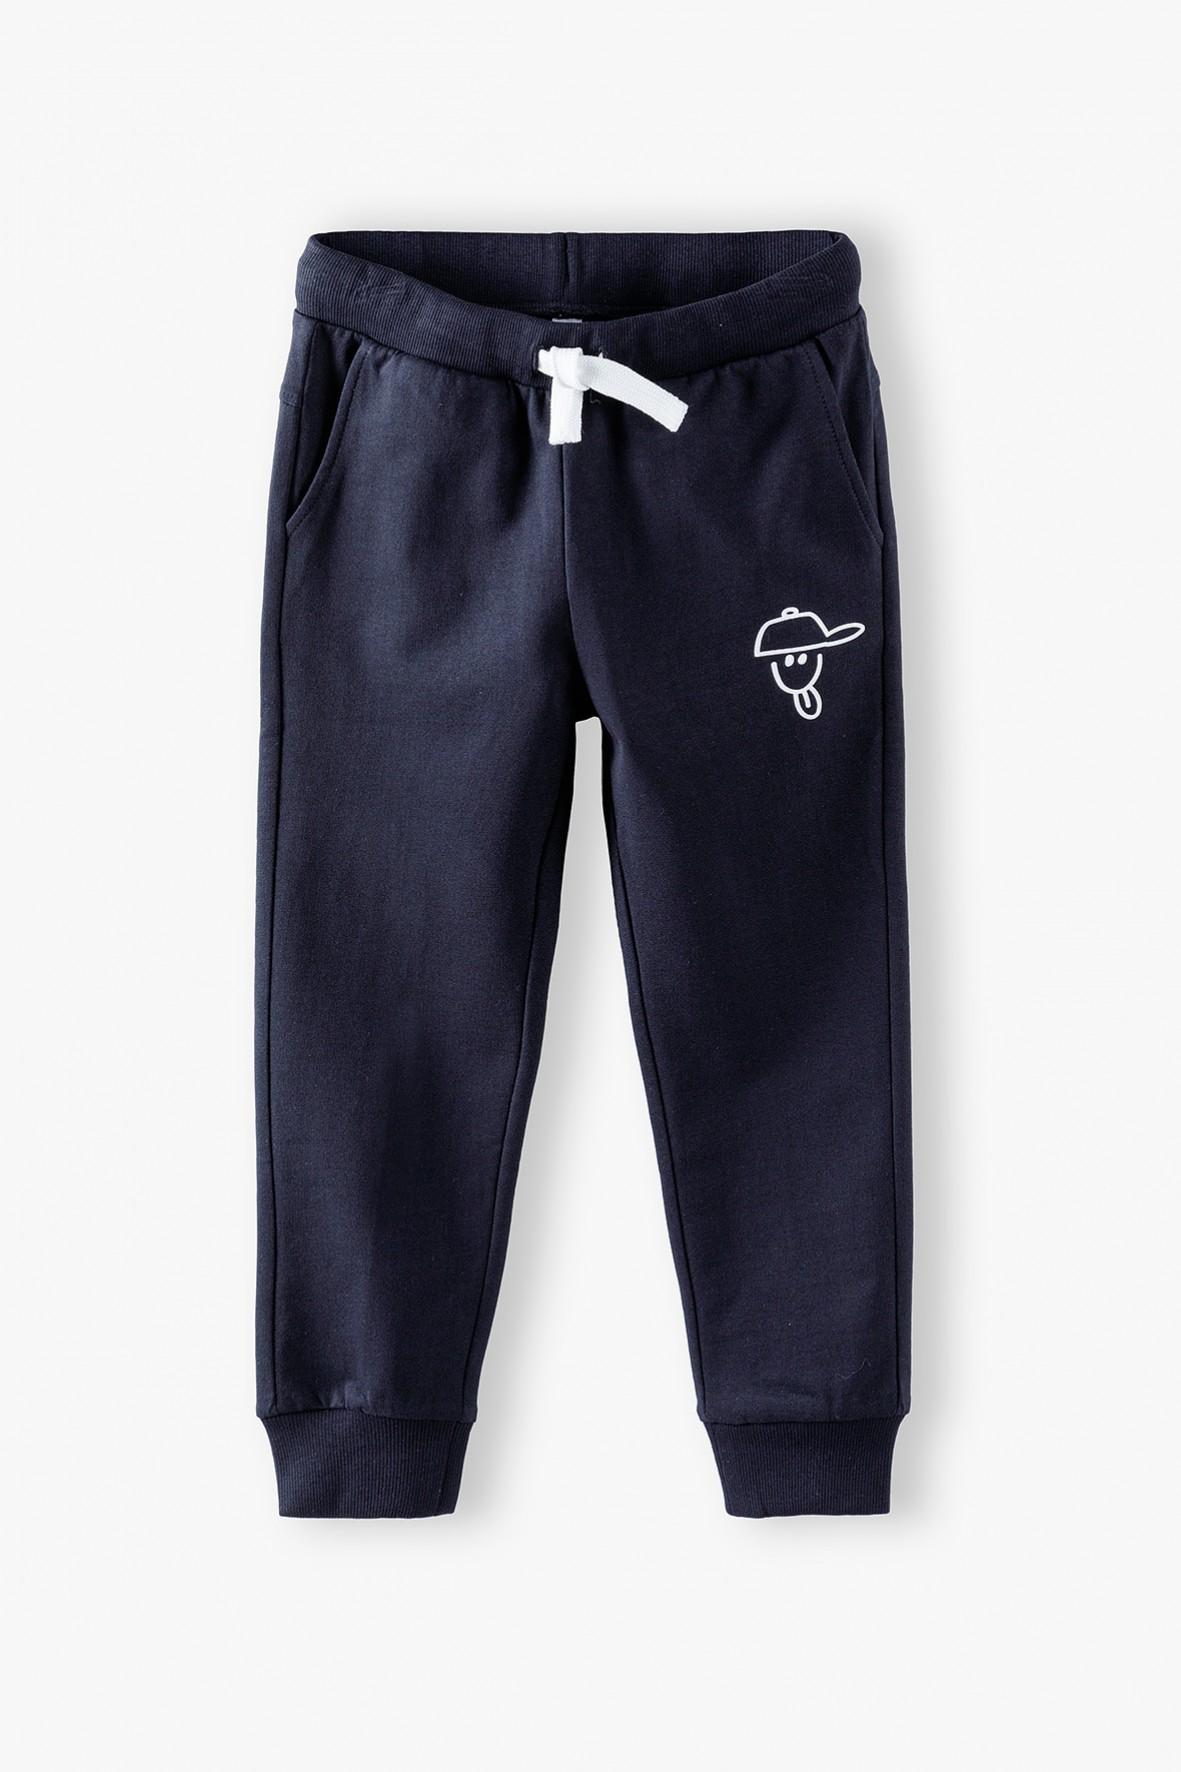 Spodnie dresowe chłopięce czarne z zabawnym nadrukiem